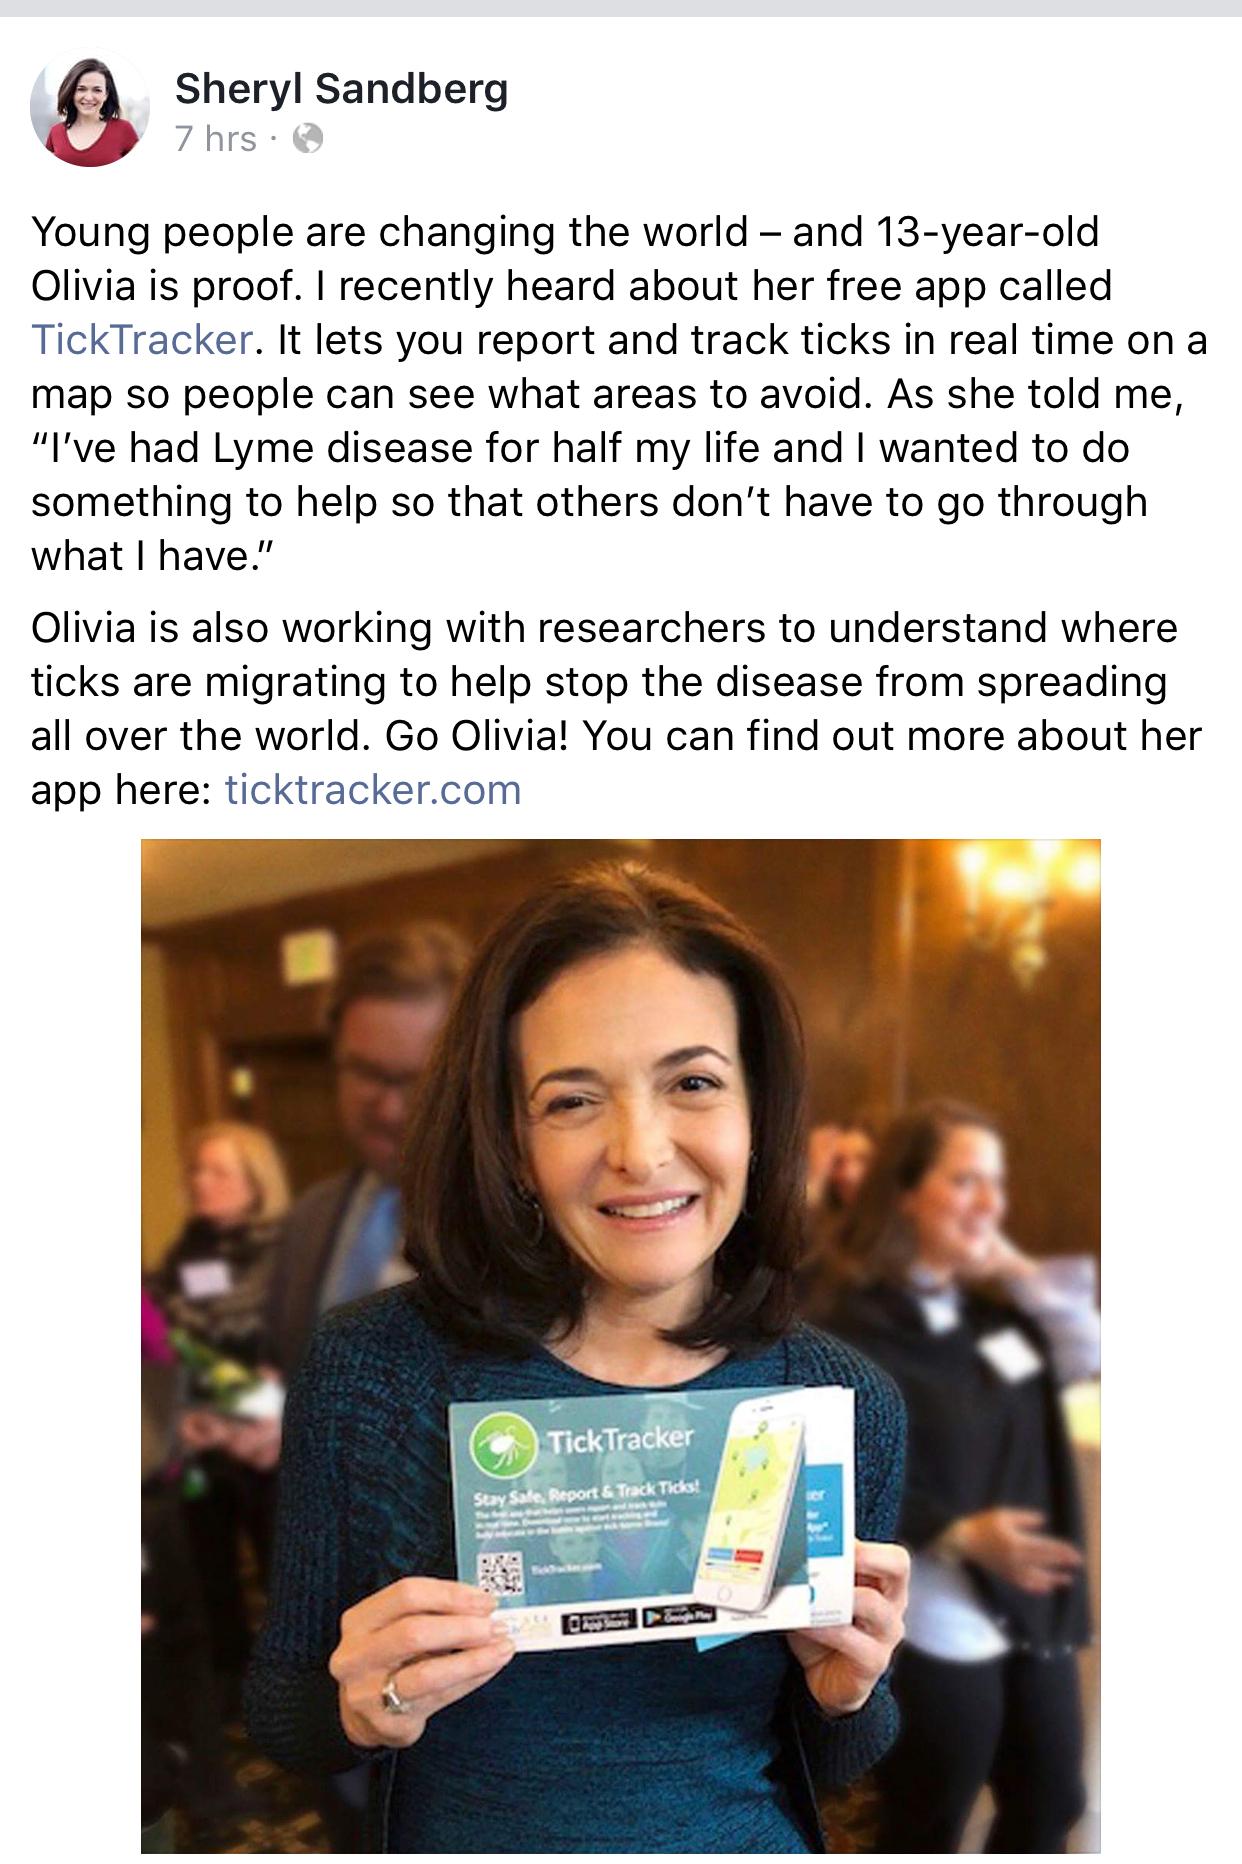 TickTracker_Sheryl-Sandberg_Facebook